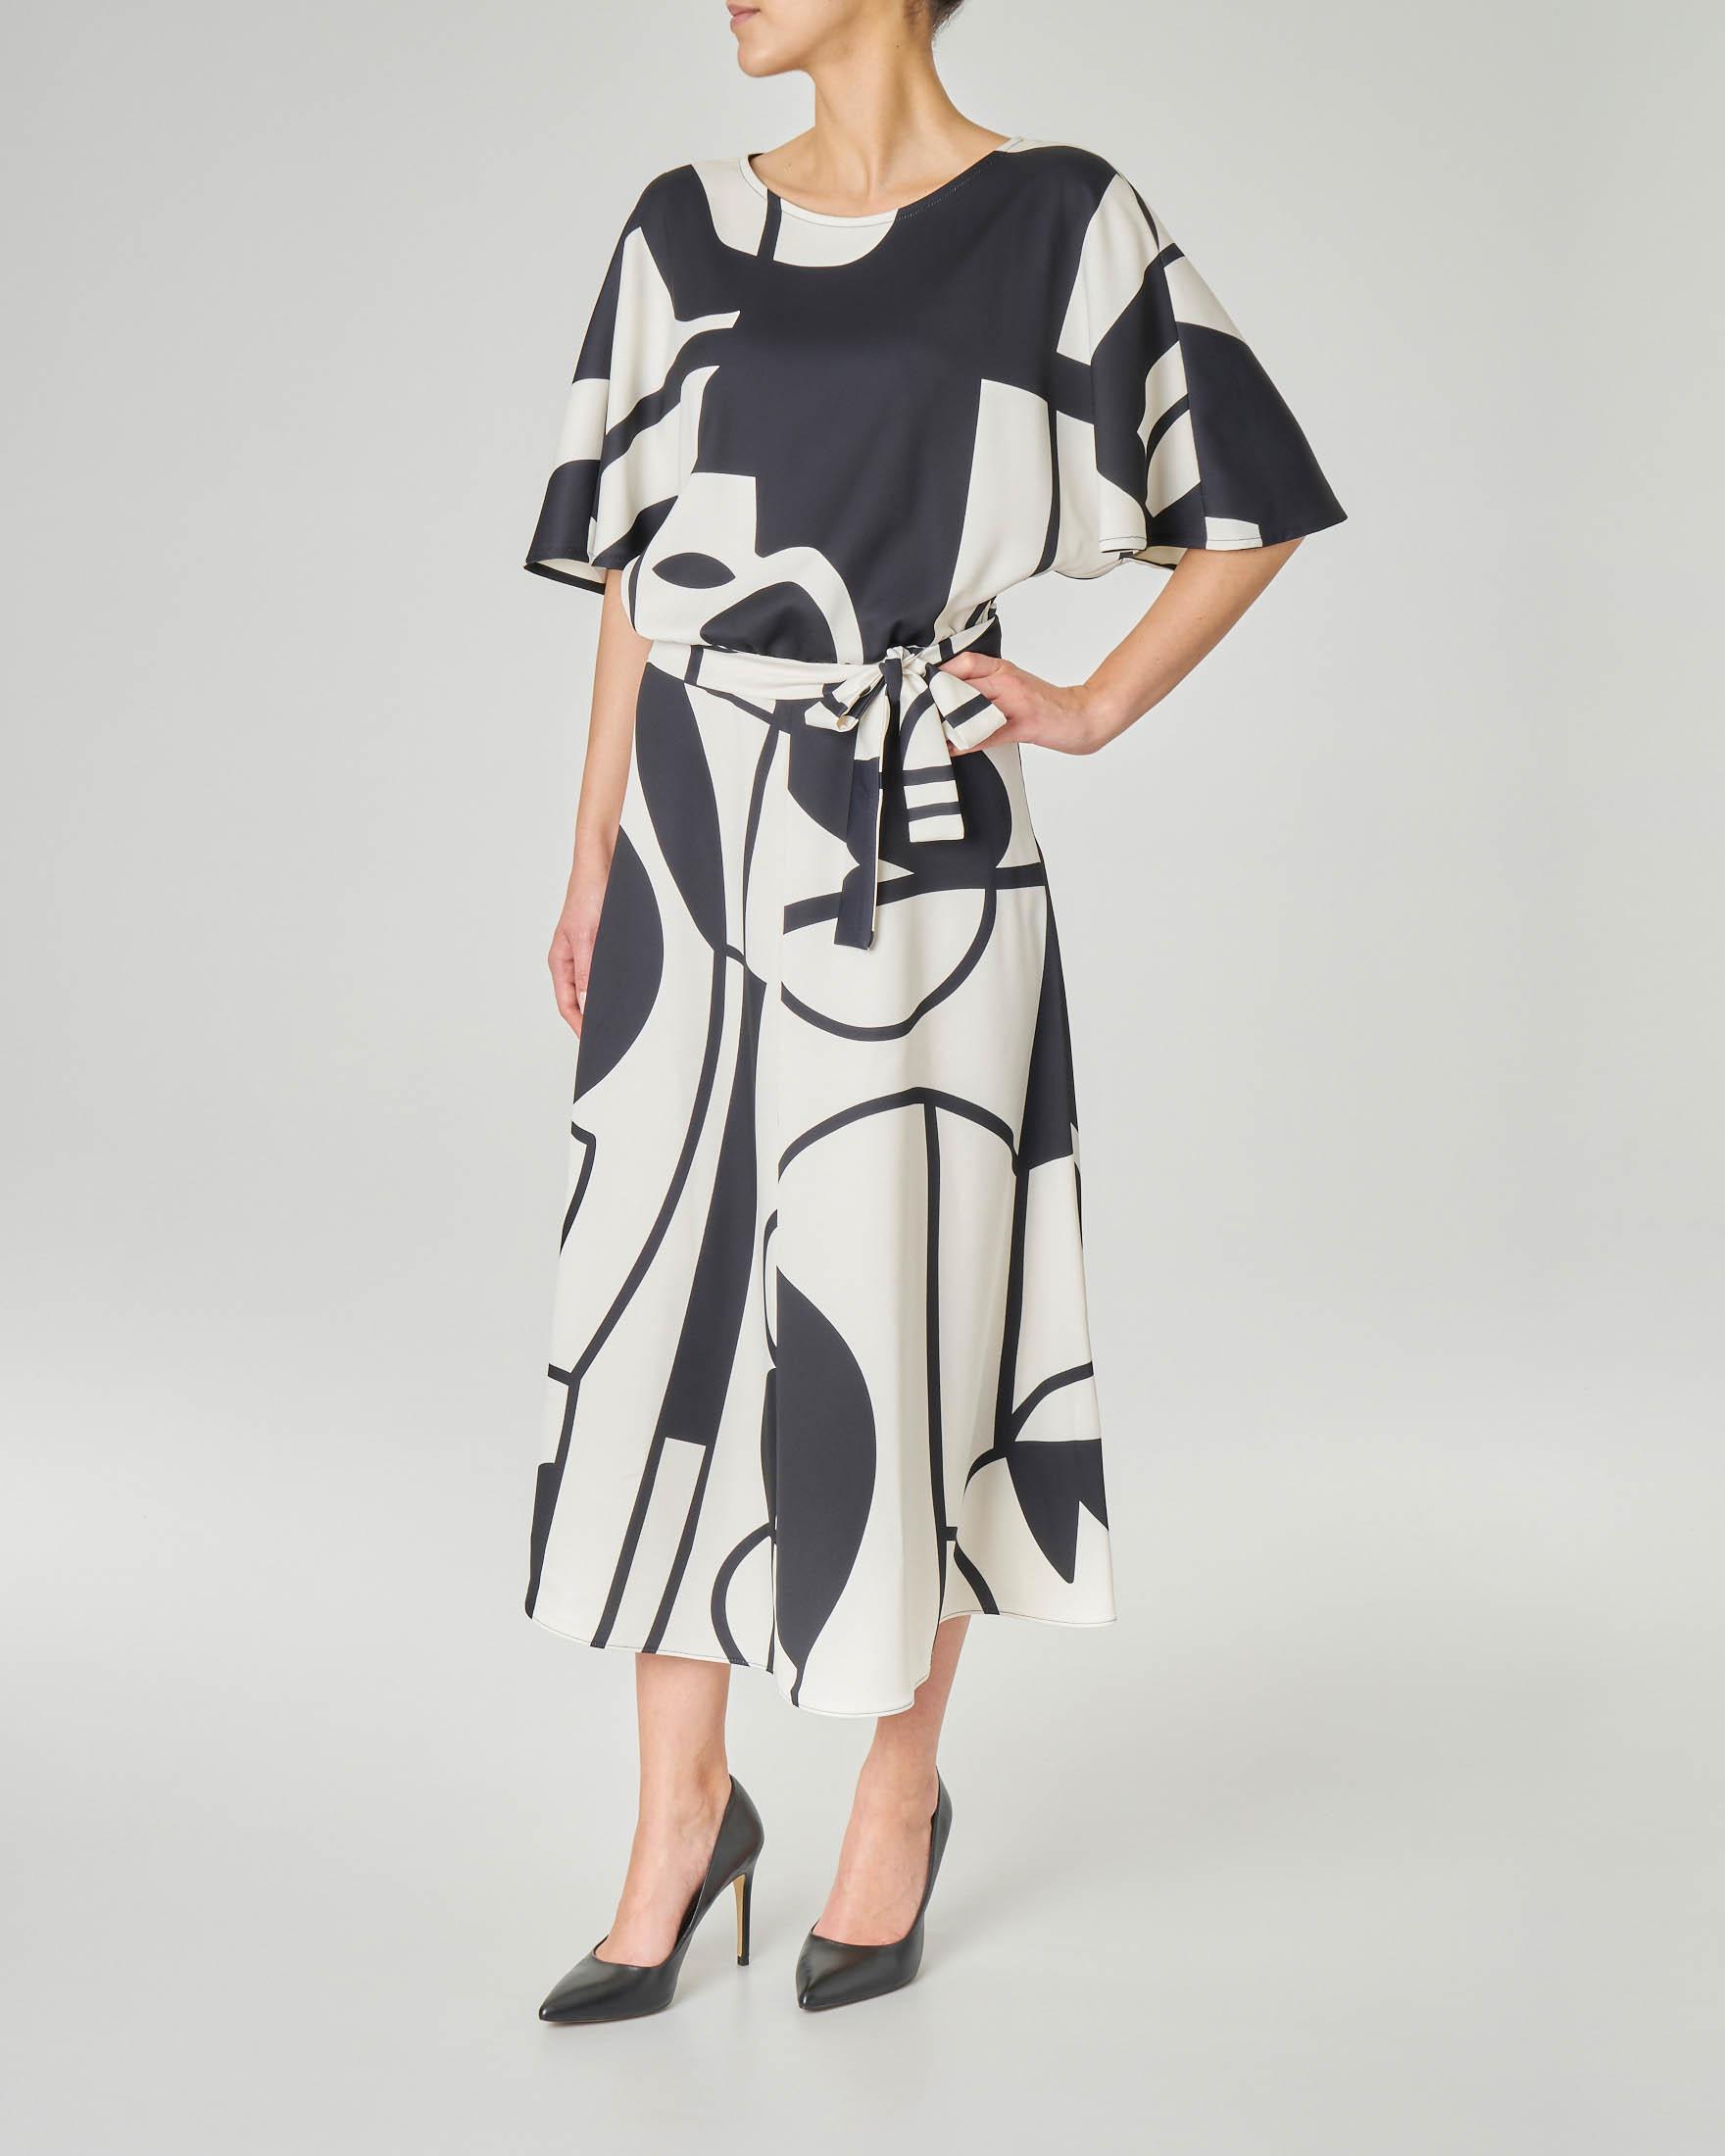 Abito midi LW x ART. 365 in crêpe a fantasia geometrica in bianco e nero con maniche a kimono